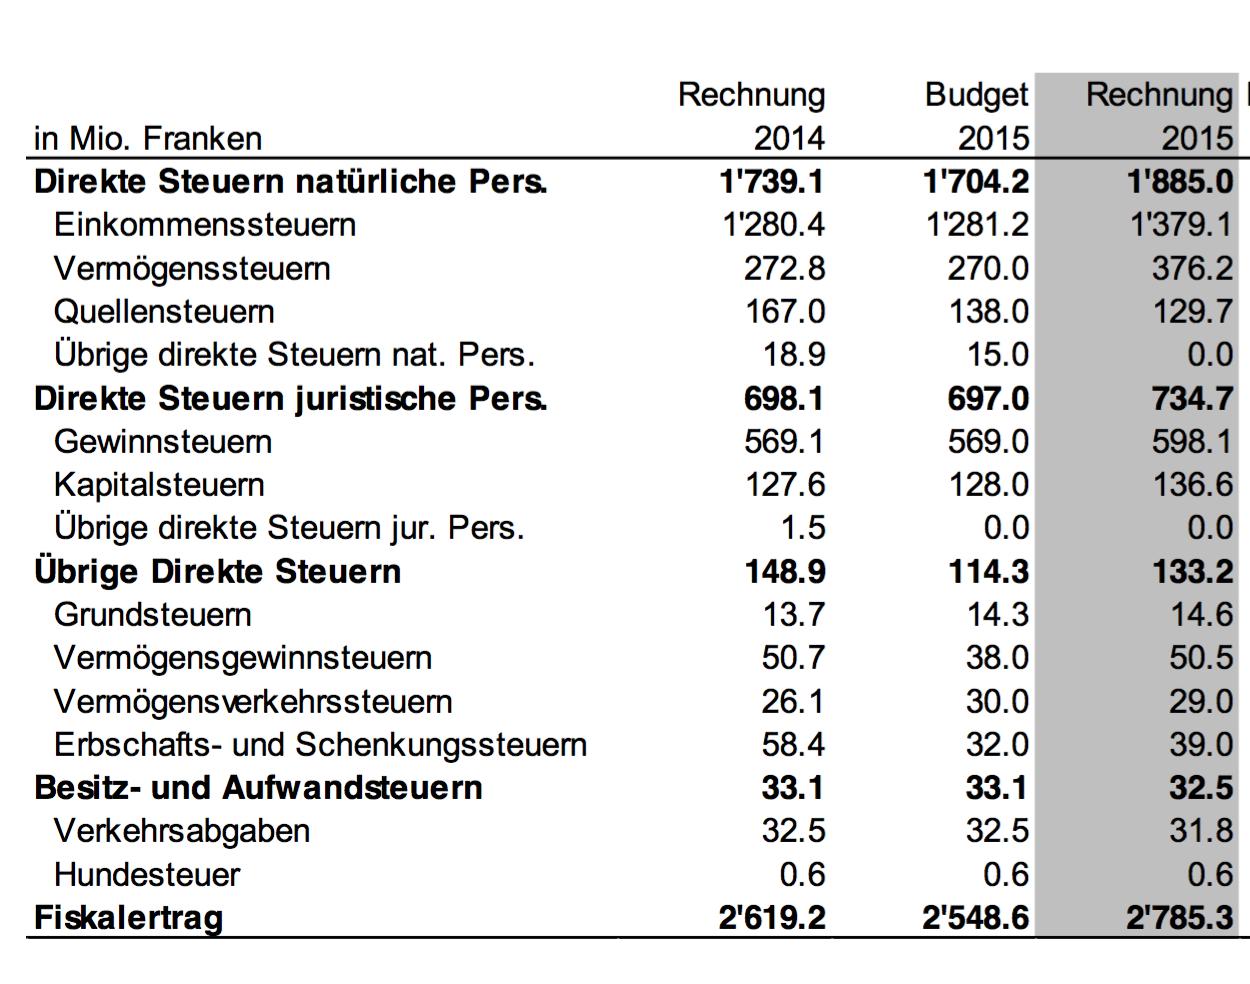 Struktur der Steuererträge im Vergleich zur Rechnung 2014 und zum Budget 2015